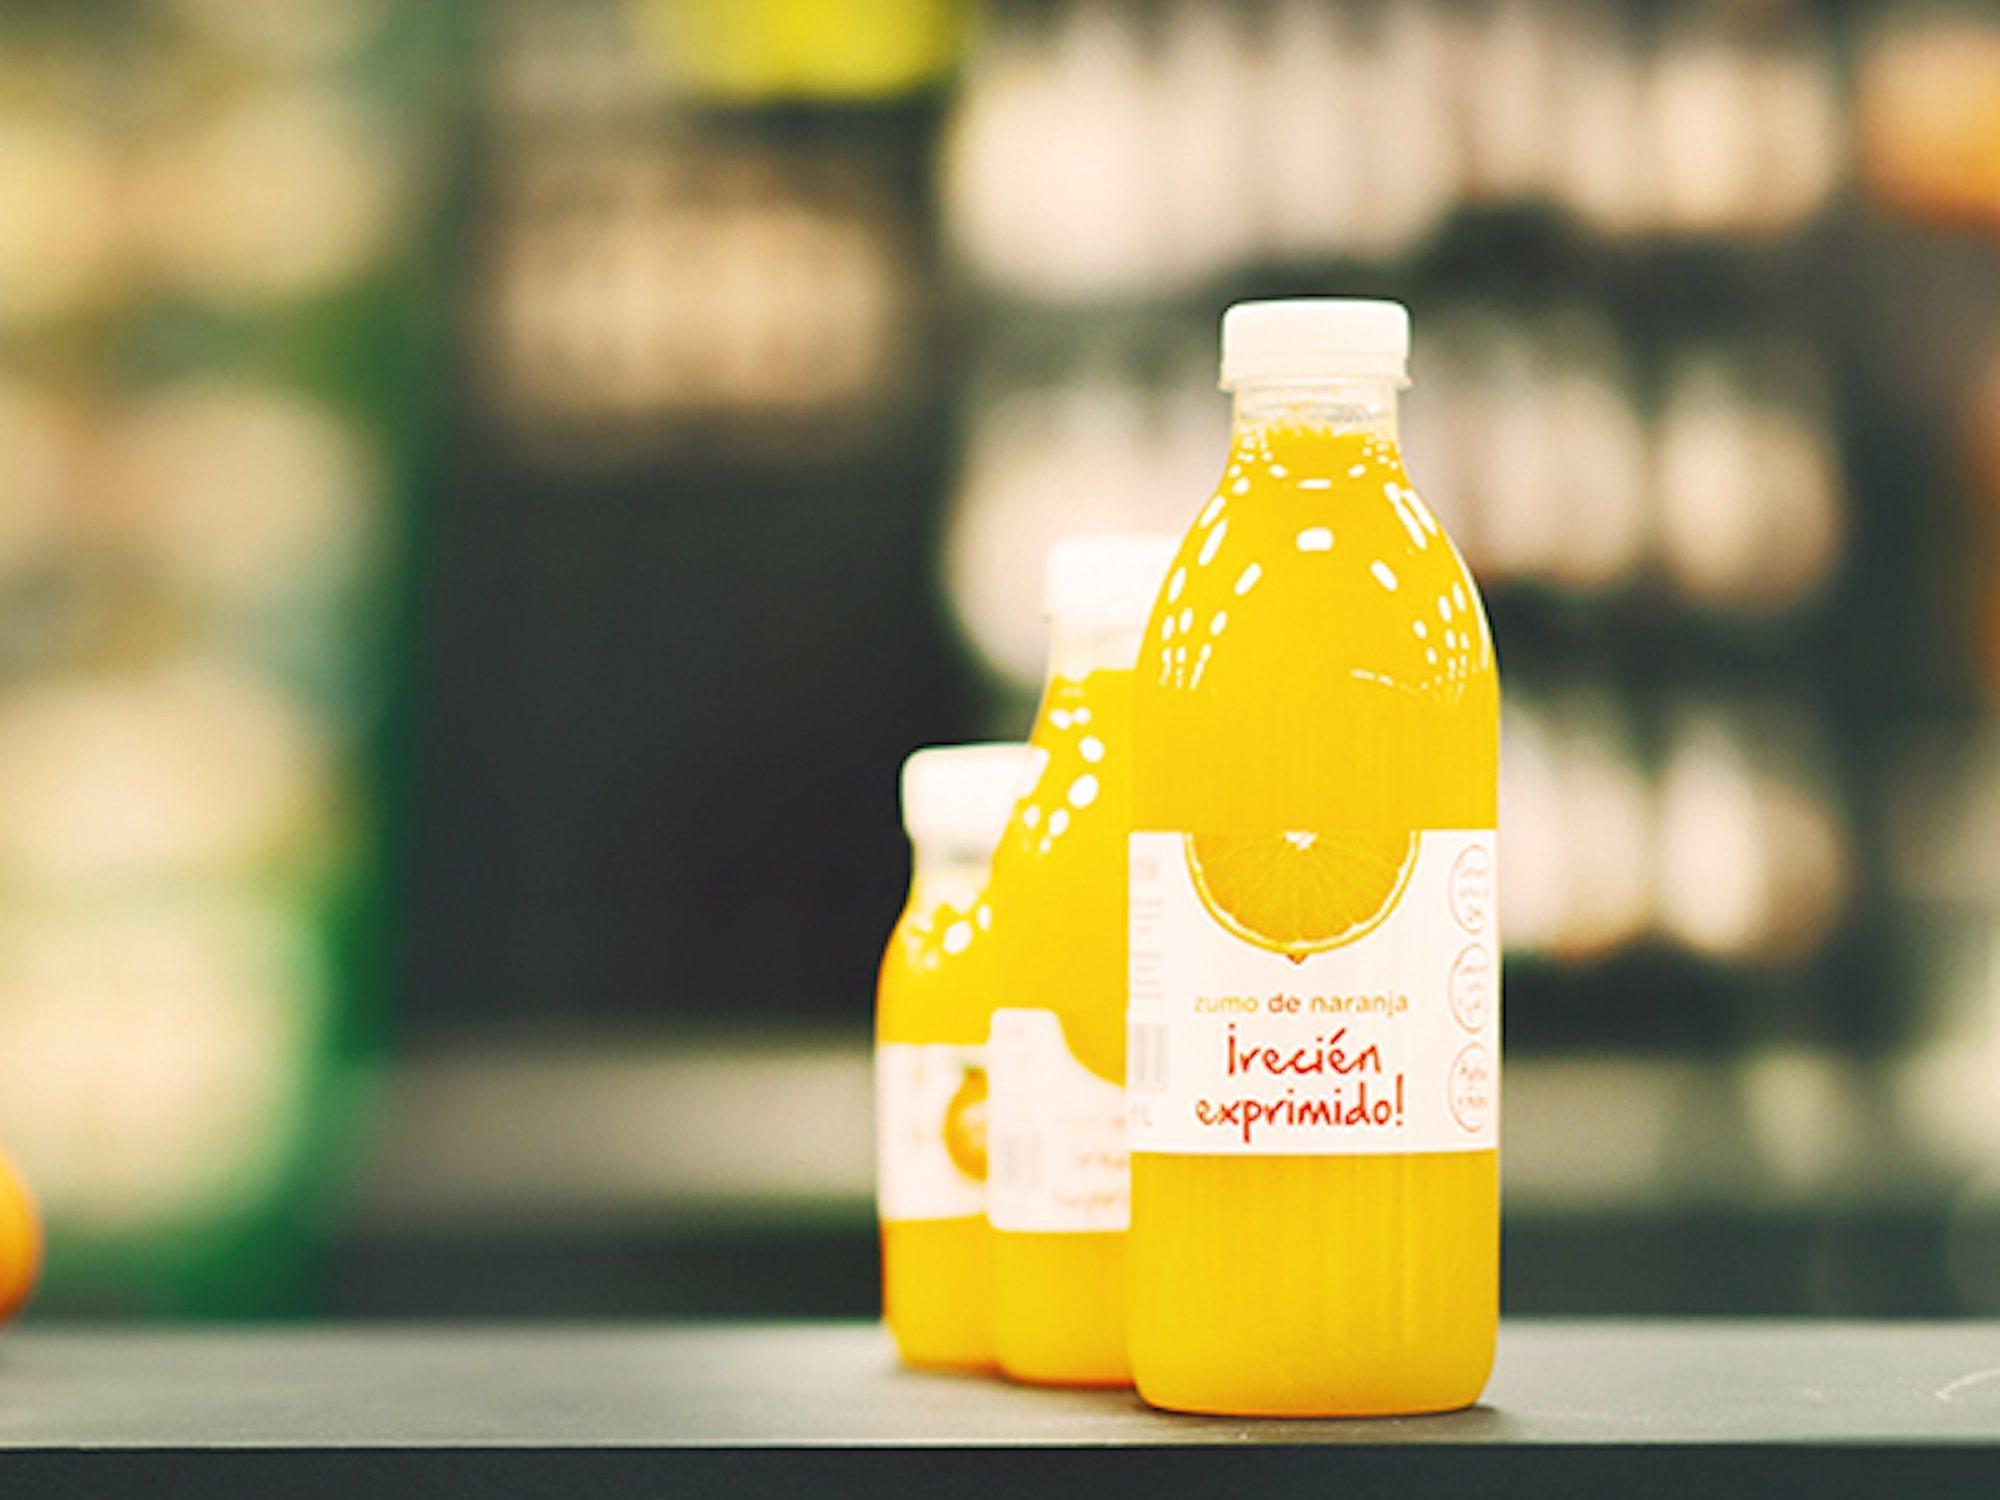 Compra un zumo de naranja recién exprimido en Mercadona y encuentra una colonia de gusanos vivos